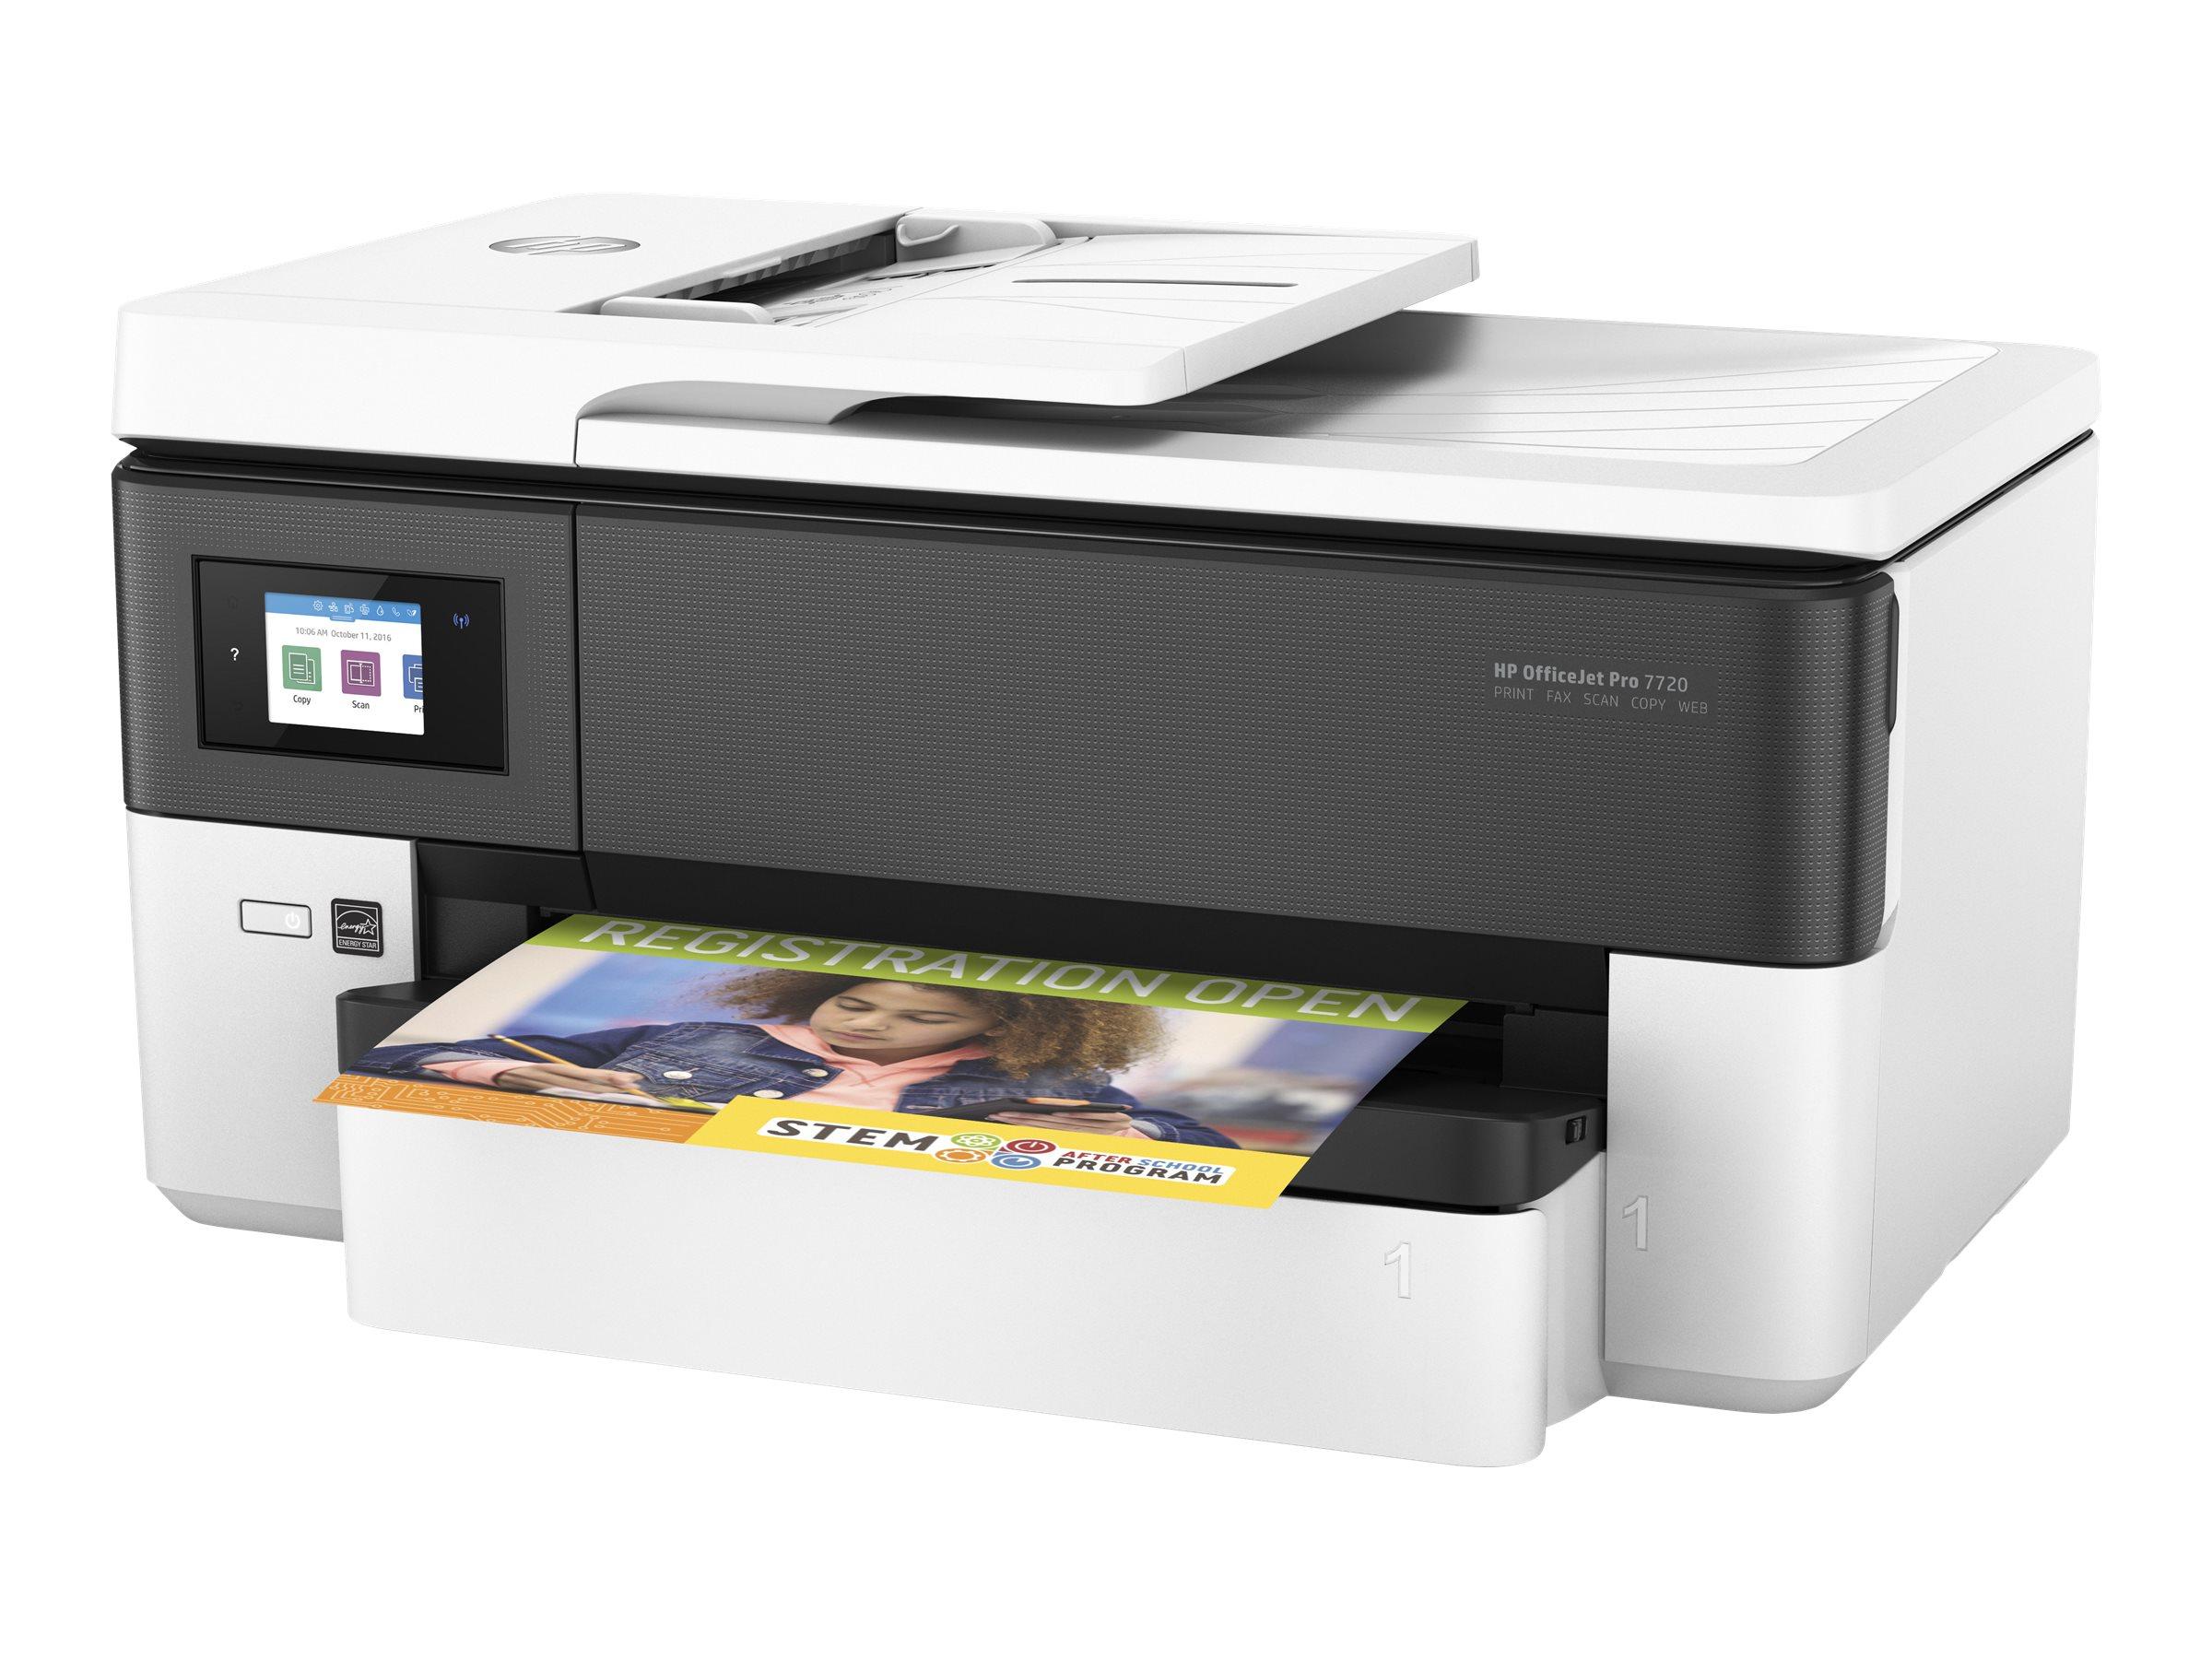 HP Officejet Pro 7720 Wide Format All-in-One